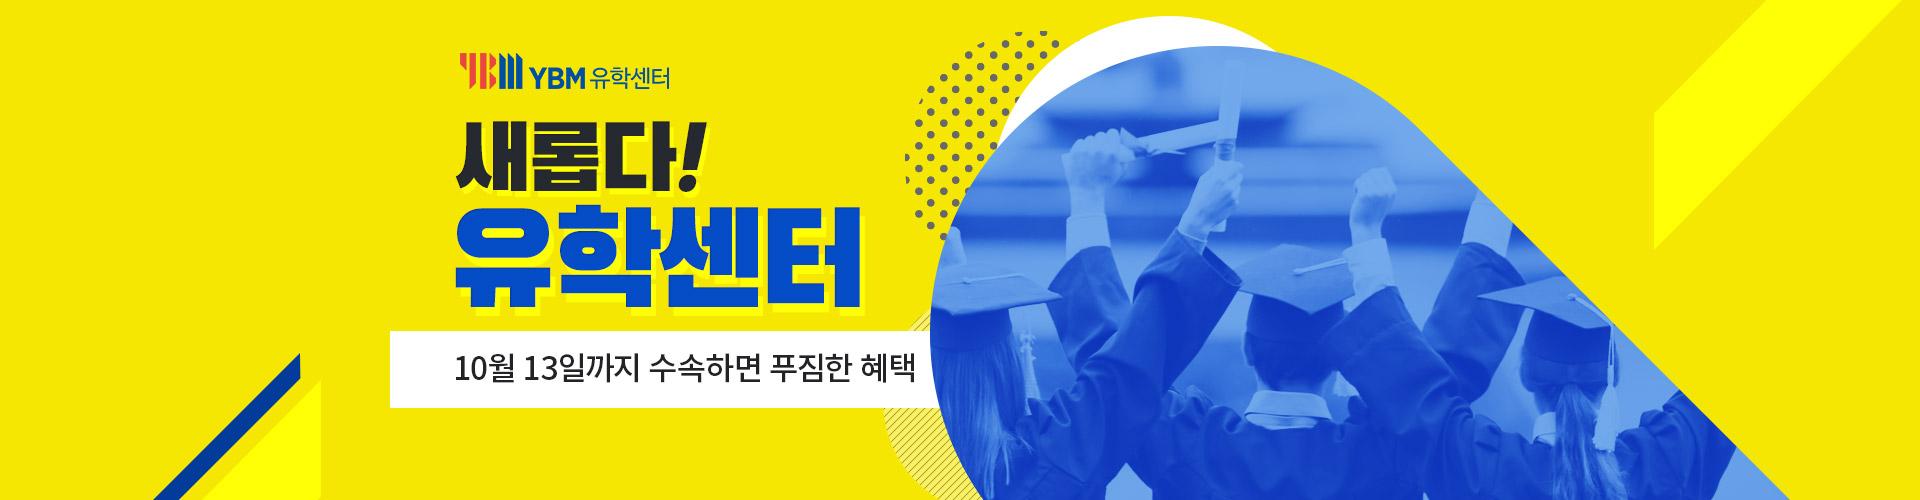 YBM유학 리뉴얼 오픈이벤트